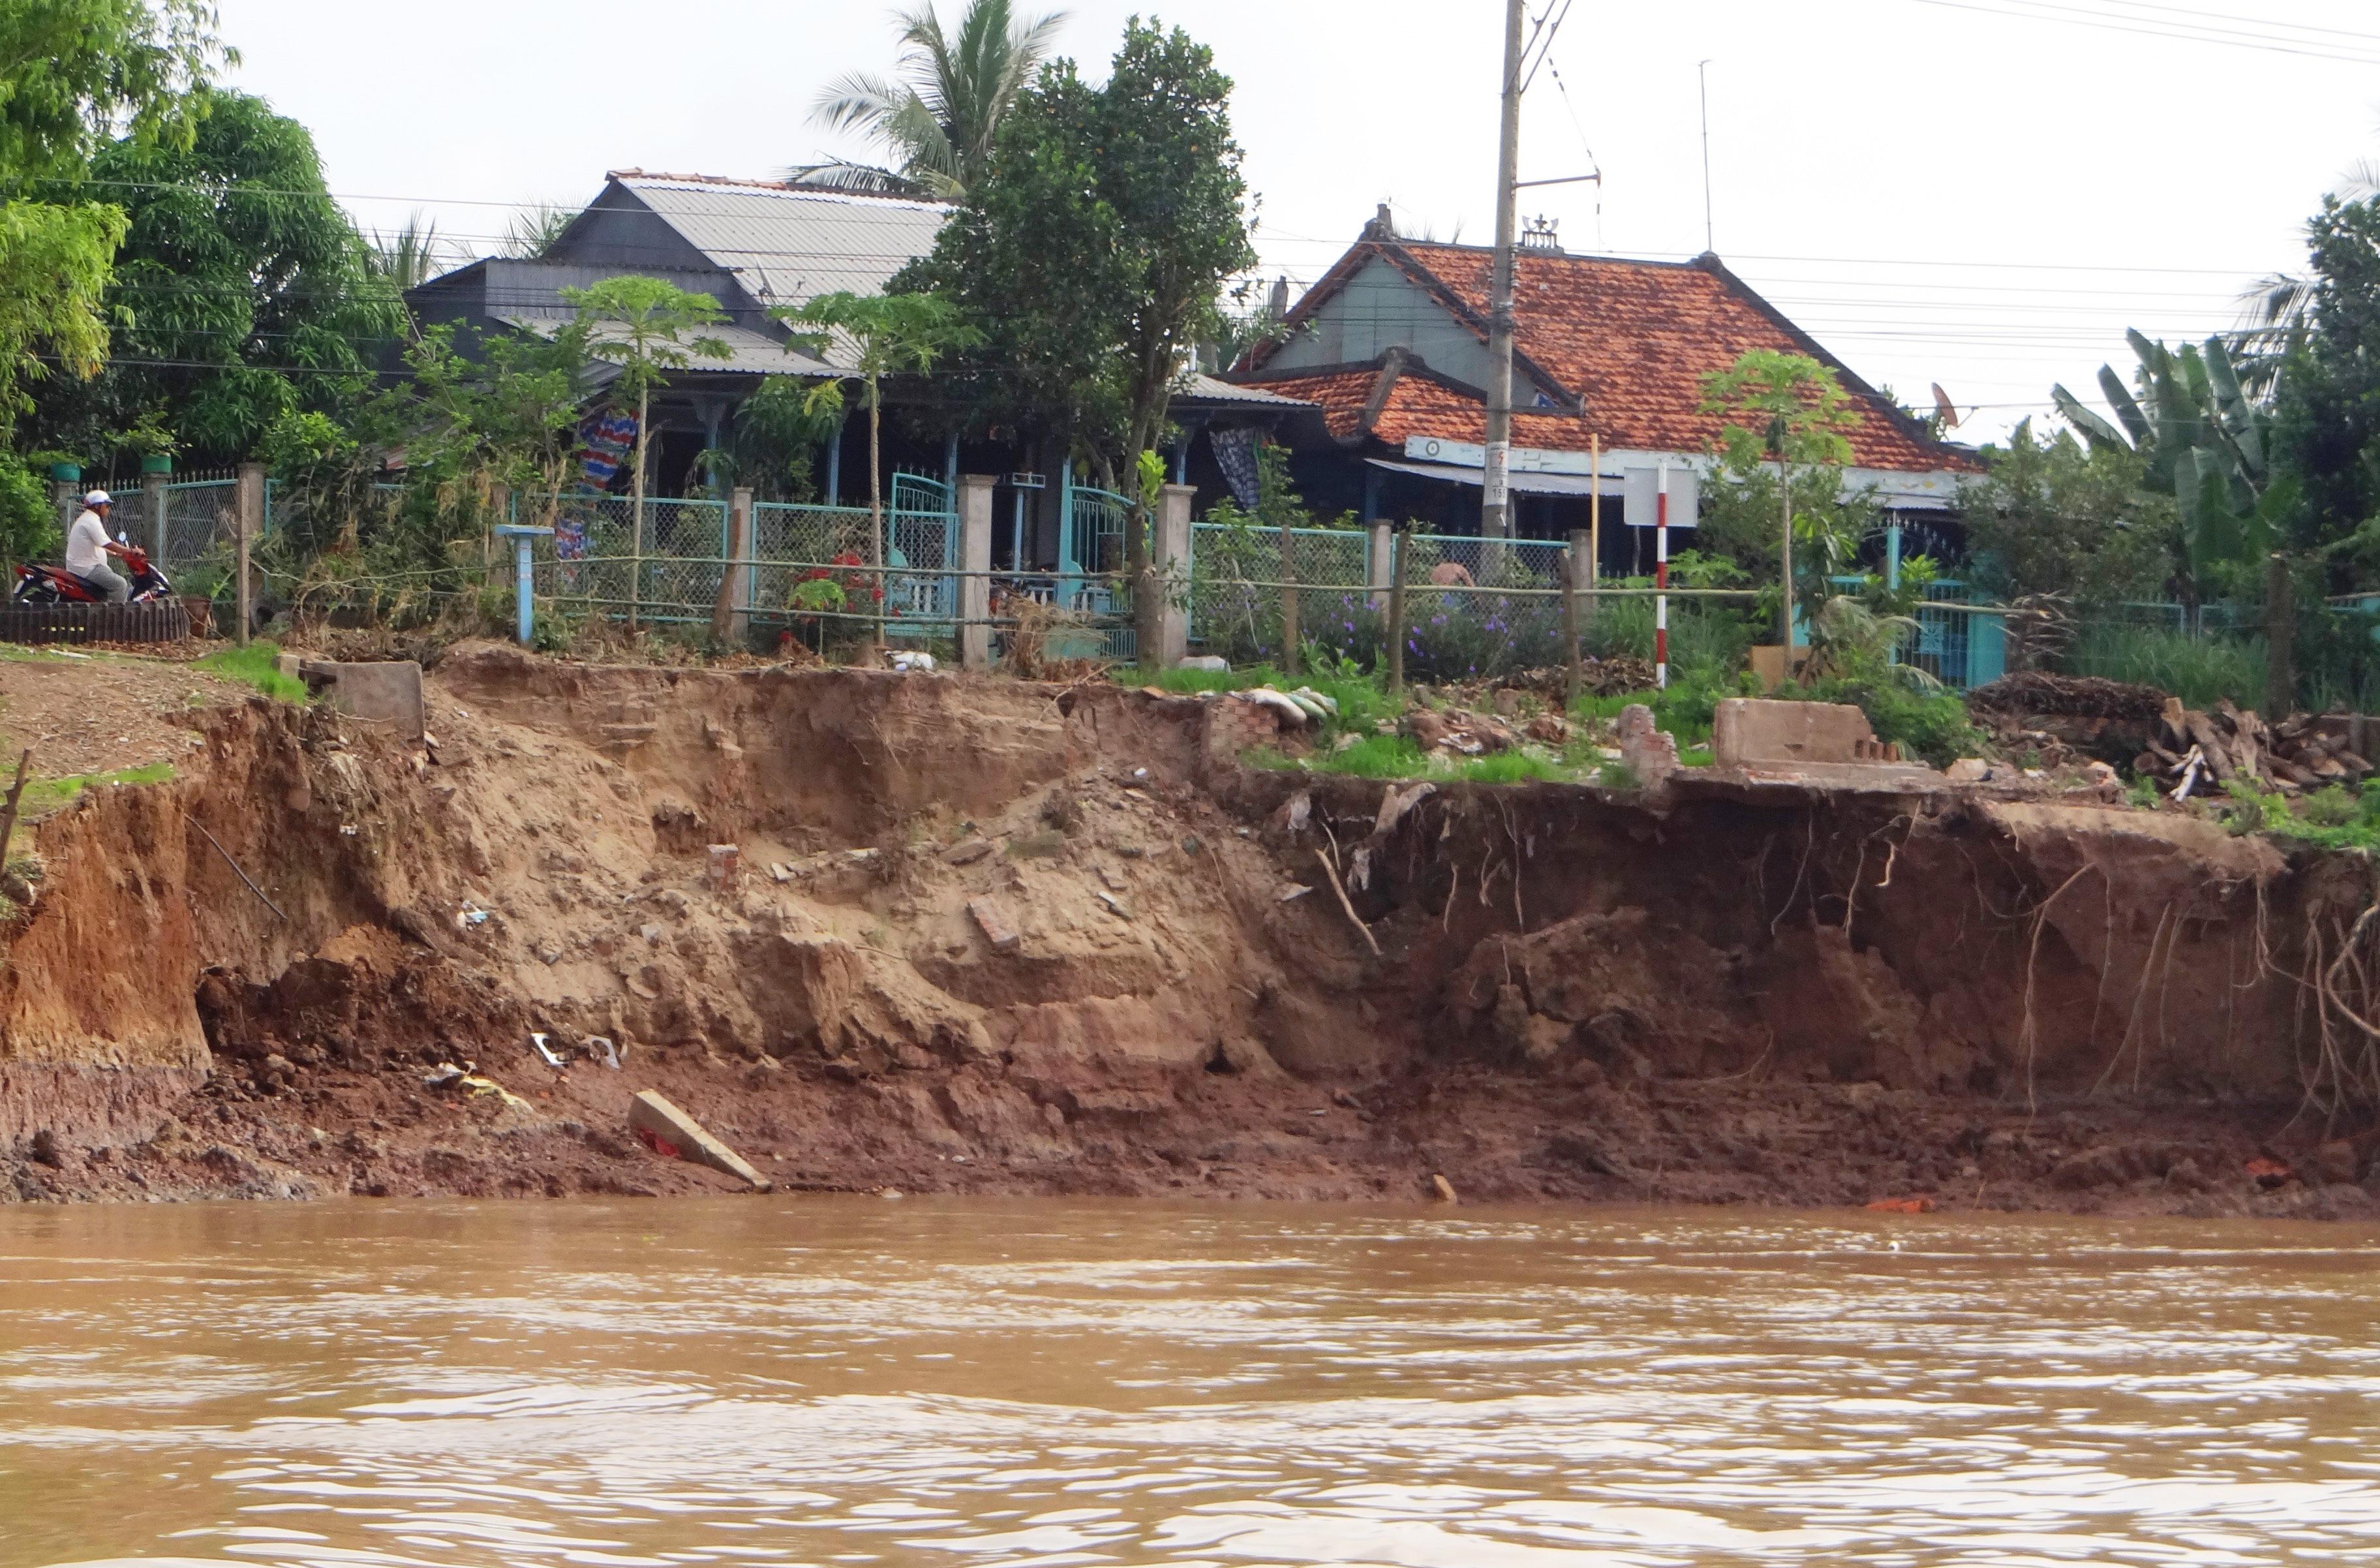 Tình trạng sạt lở gia tăng ở đồng bằng sông Cửu Long khiến cuộc sống của người dân vốn đã khốn khó càng thêm lao đao